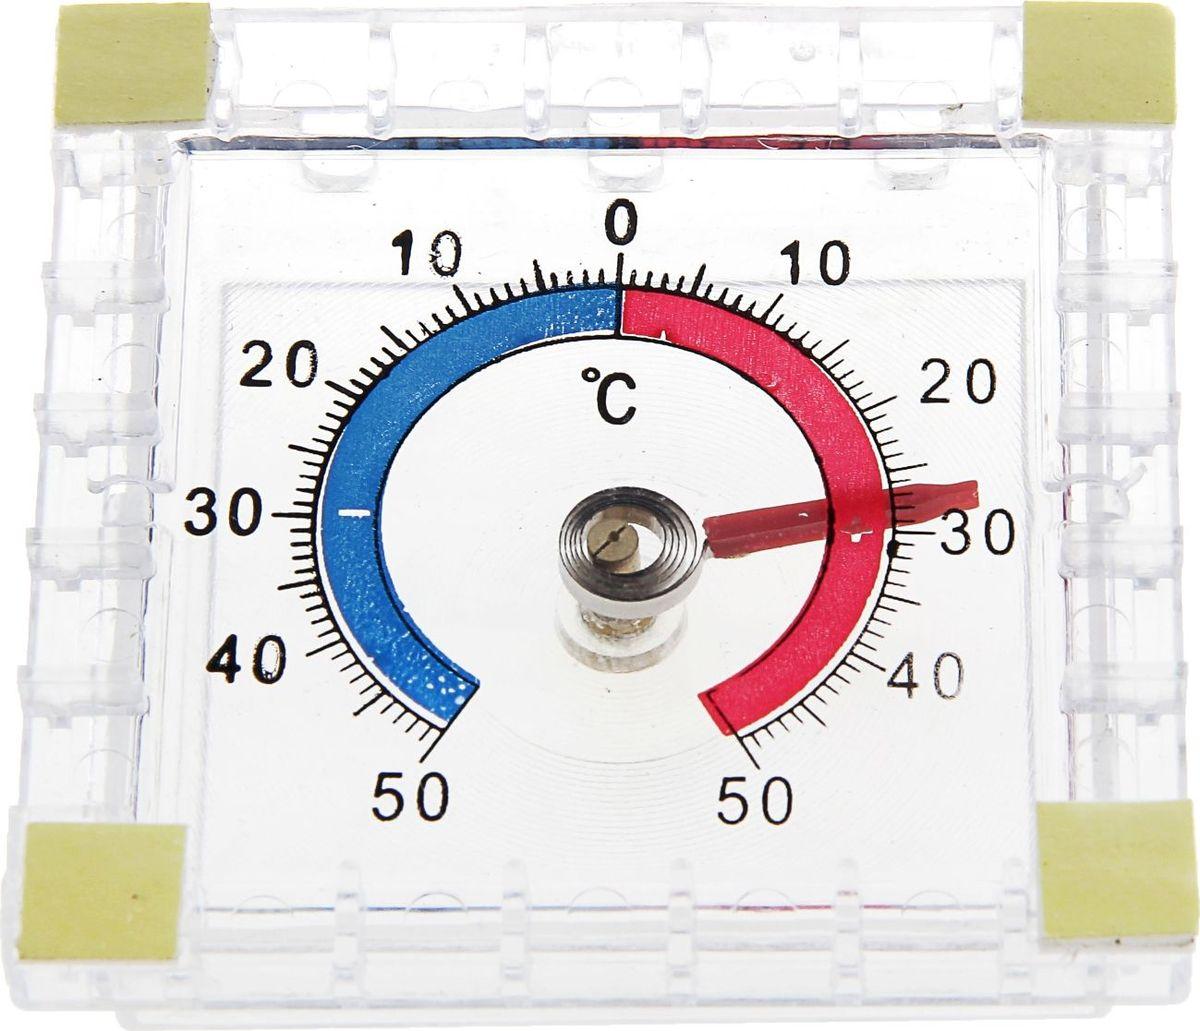 Термометр садовый Квадрат, механический, уличный, 8 х 8 см769819Термометр предназначен для определения температуры воздуха снаружи помещения. Прибор отображает температуру по шкале Цельсия. Отсутствие ртути делает изделие абсолютно безопасным в эксплуатации. Яркая цветная шкала поможет увидеть показатели погоды даже издалека. ХарактеристикиТип: спиртовой.Отображение температуры воздуха (С°/ F°).Материал: пластик.Будьте готовы к любой погоде!